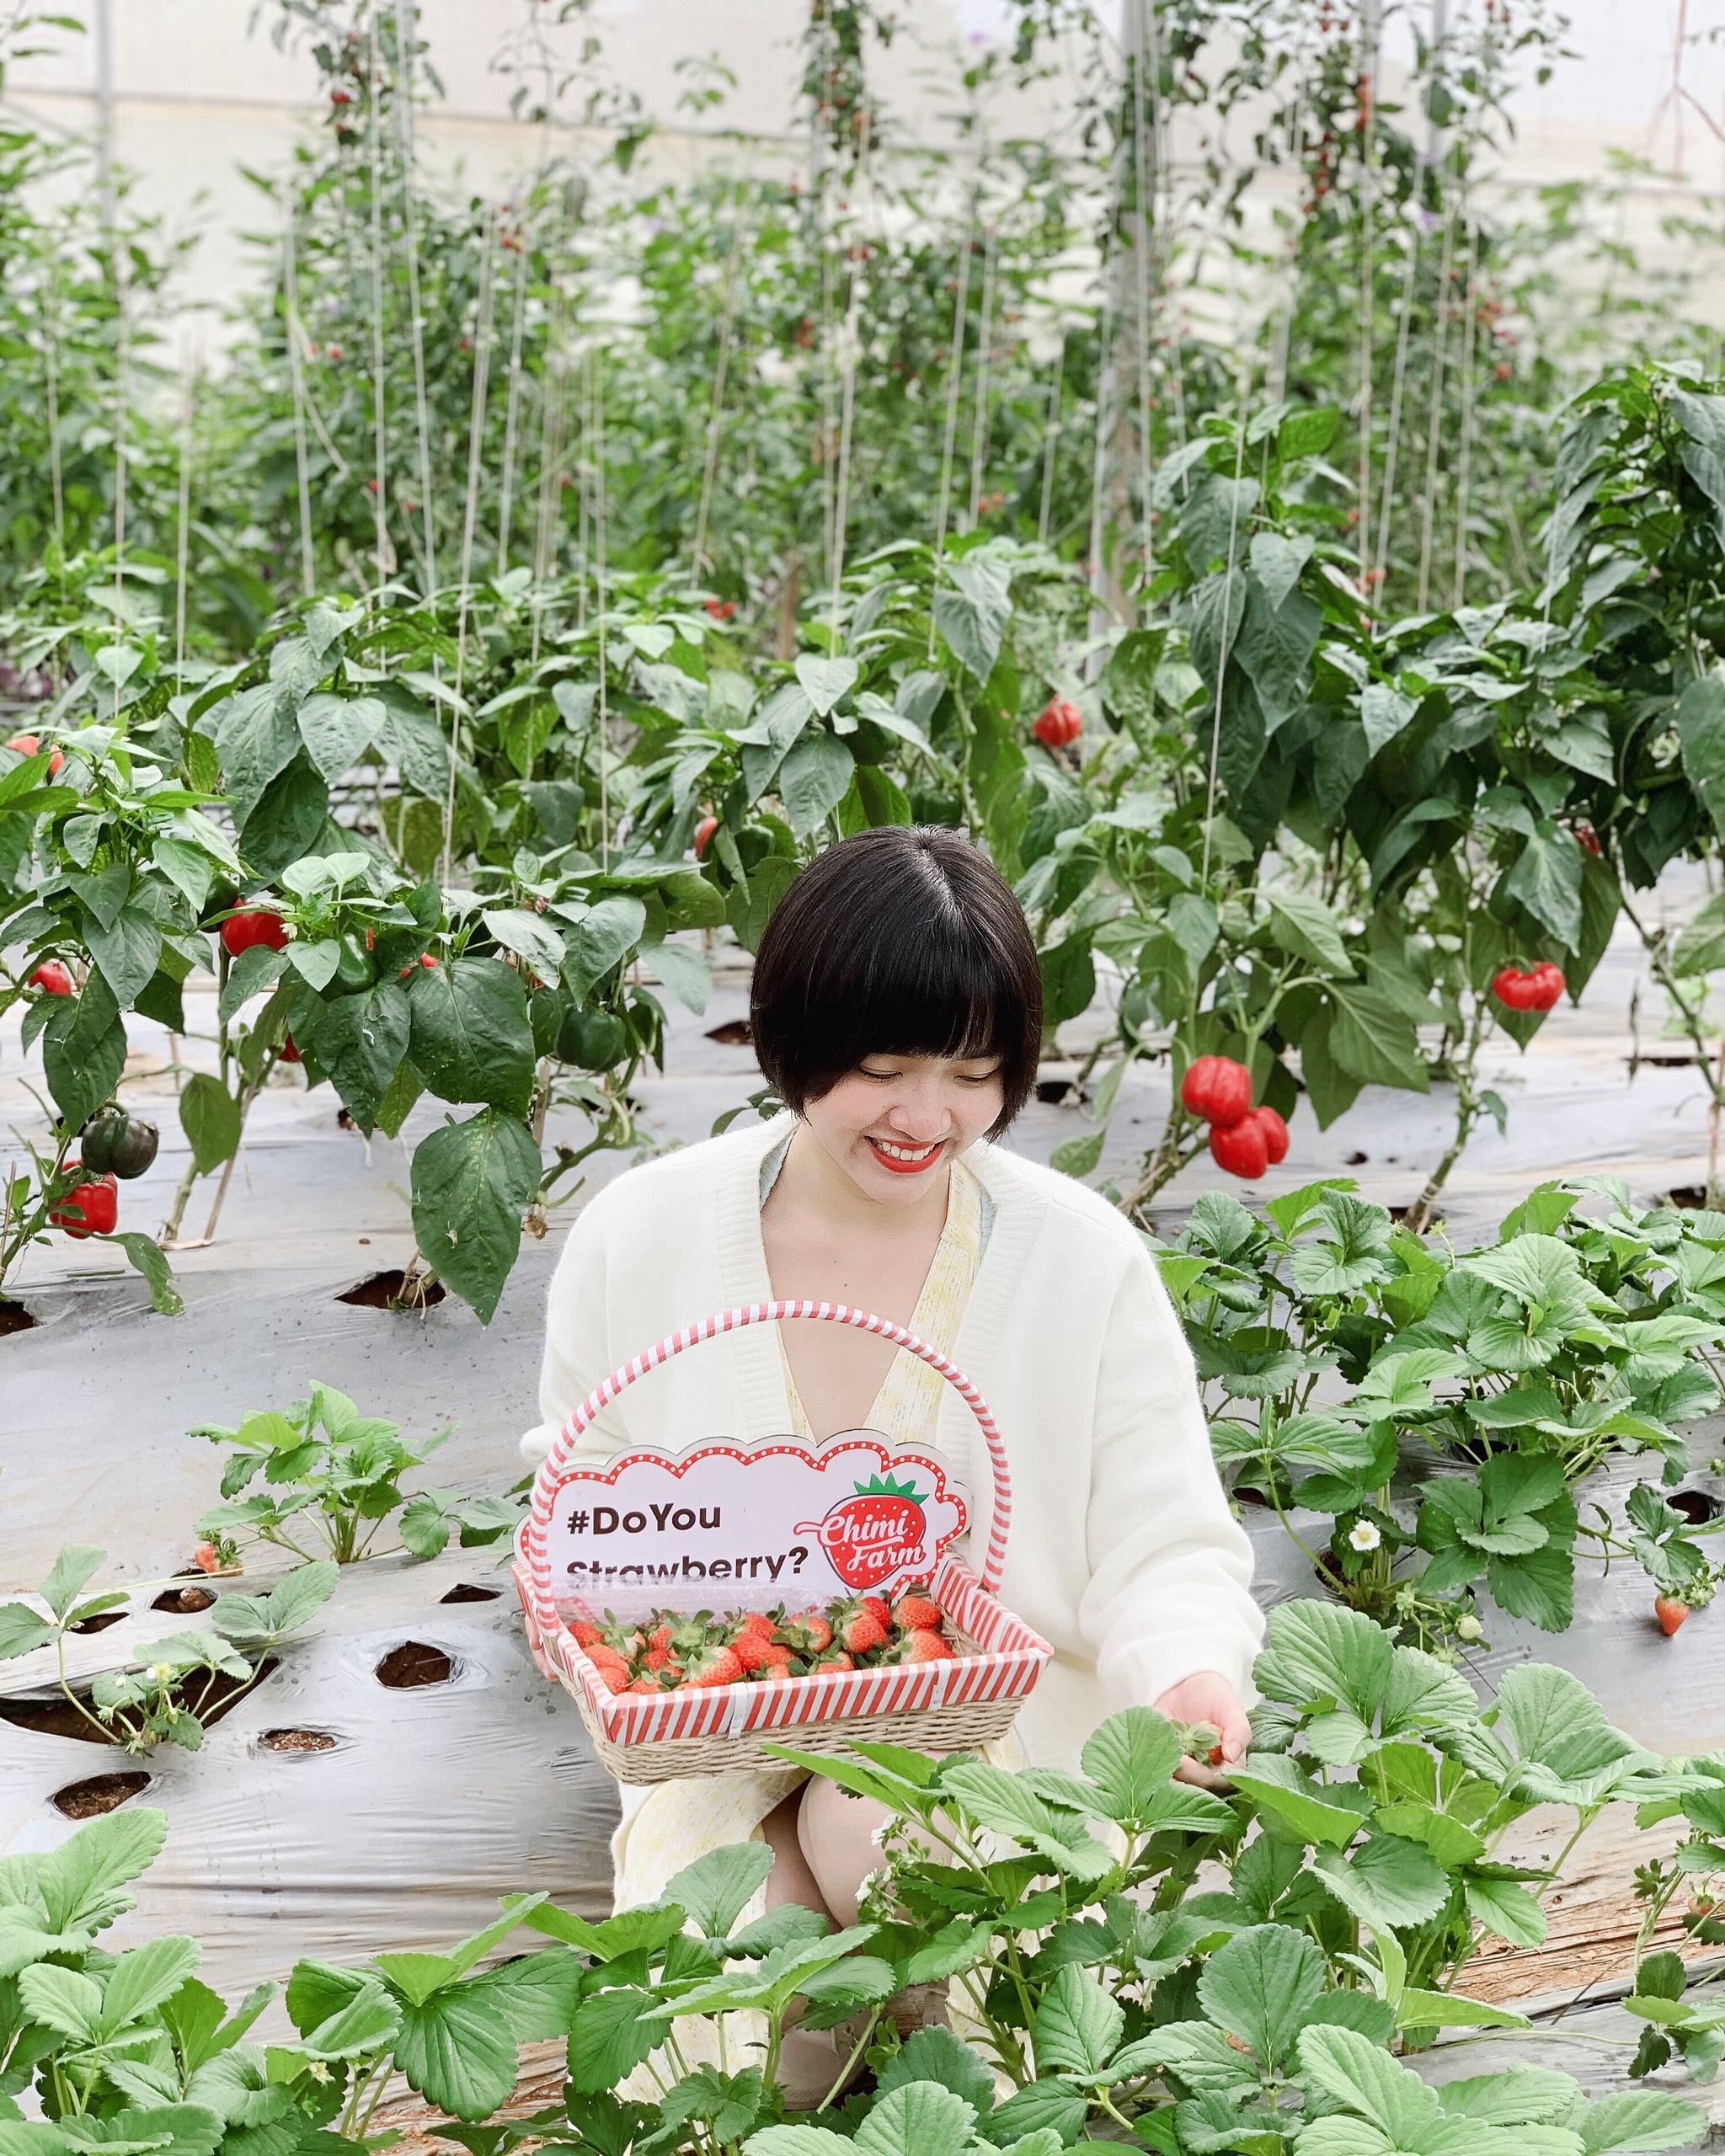 Trải nghiệm hái dâu tây tại vườn của Chimi Farm tháng 12